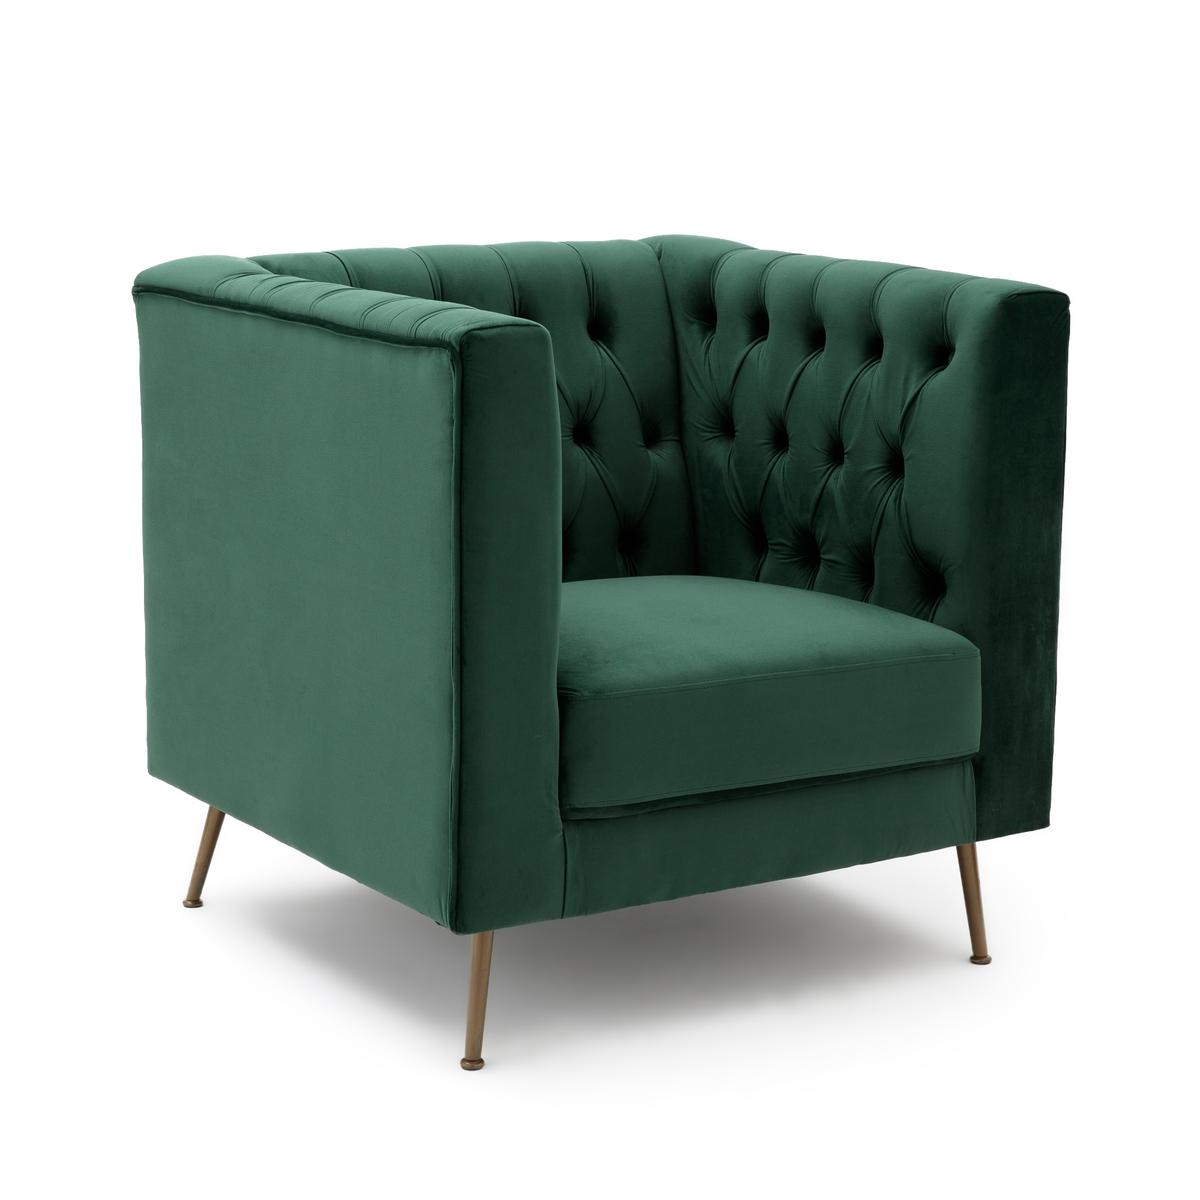 Кресло с внутренней обивкой из велюра, PANONE